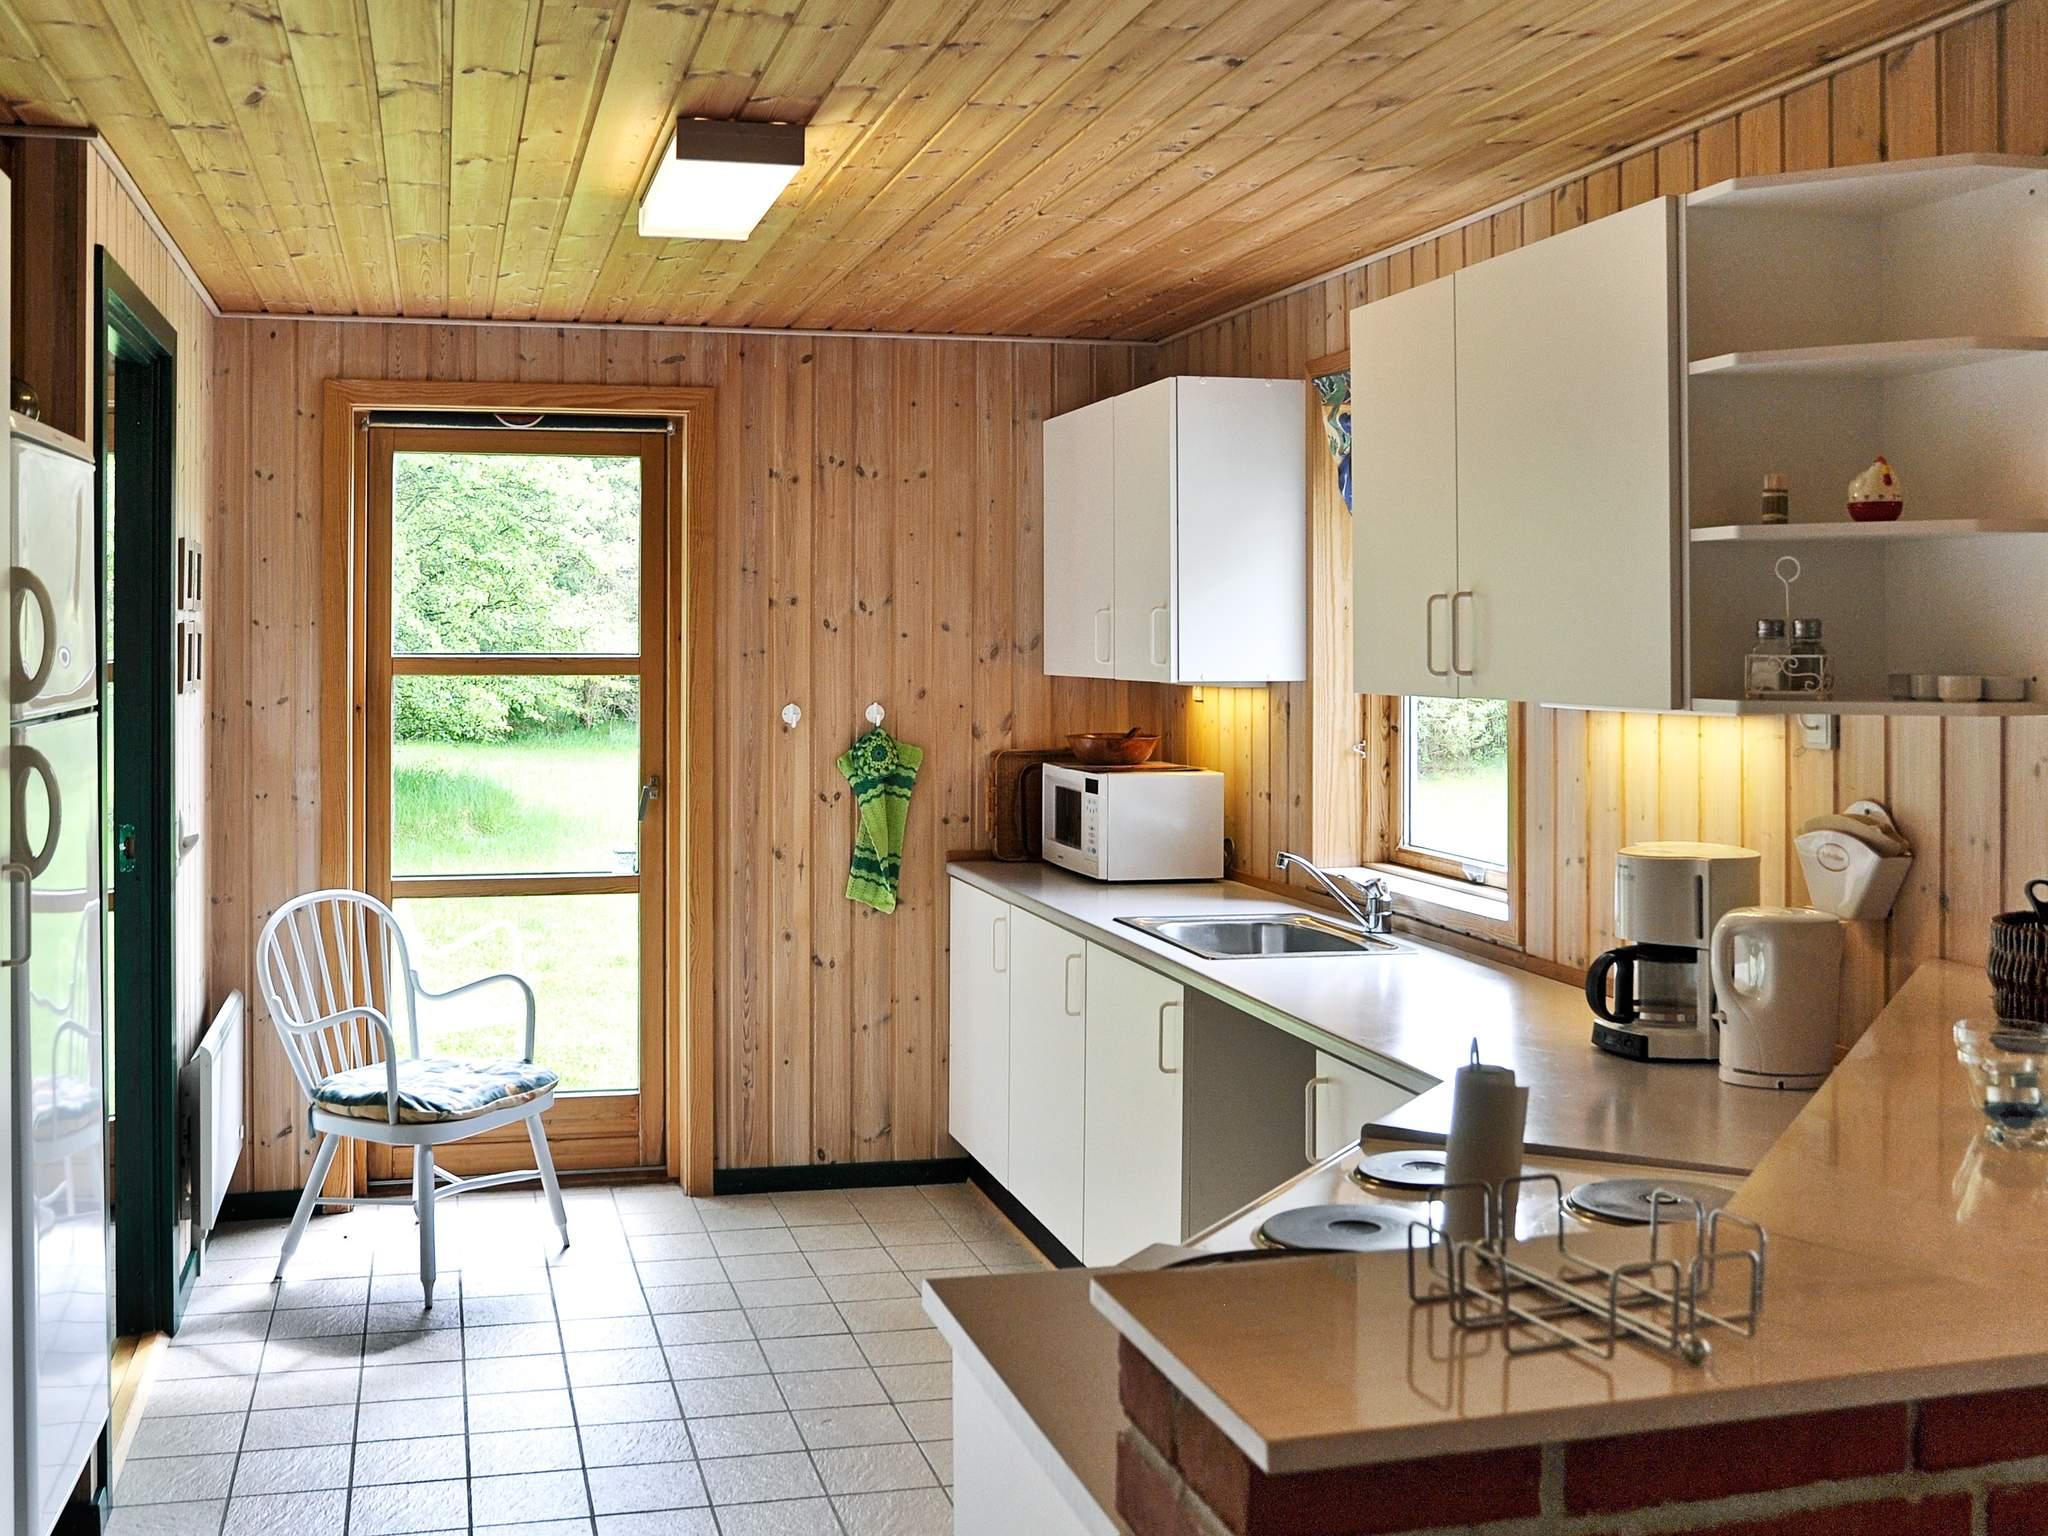 Ferienhaus Silkeborg (995795), Silkeborg, , Ostjütland, Dänemark, Bild 6